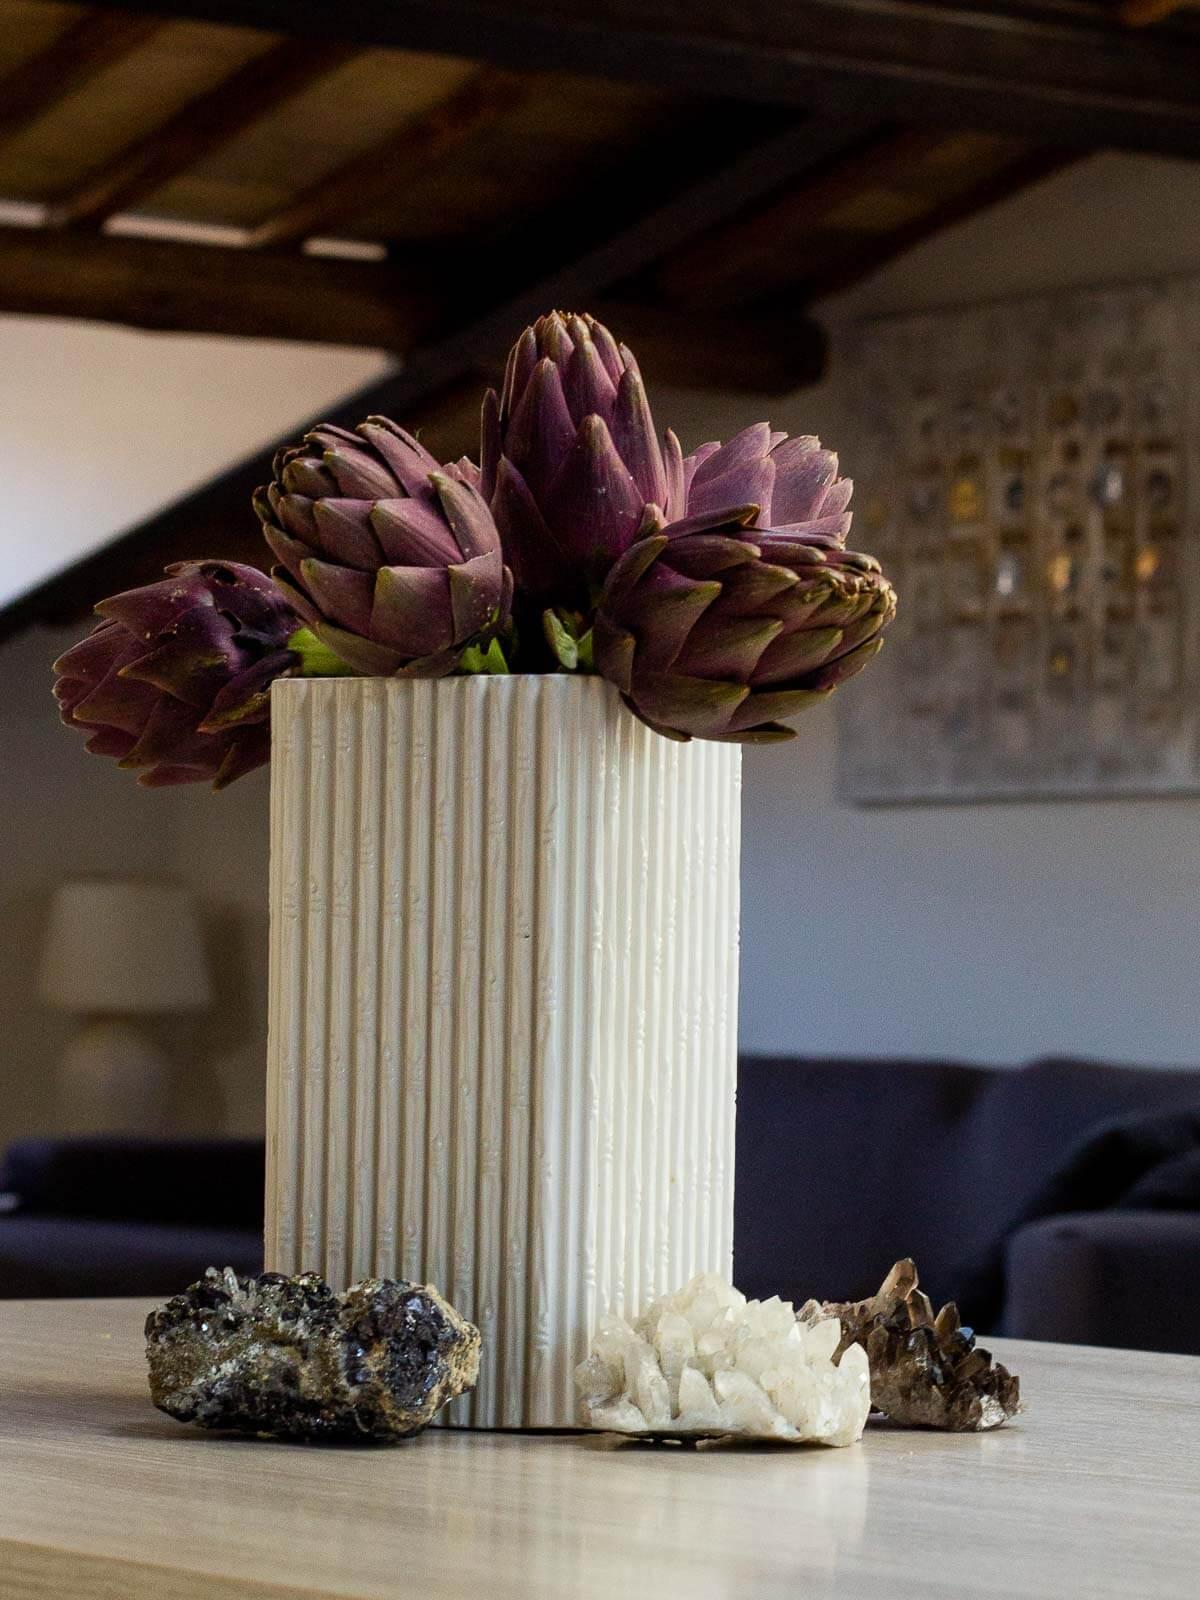 roman artichokes in flower pot